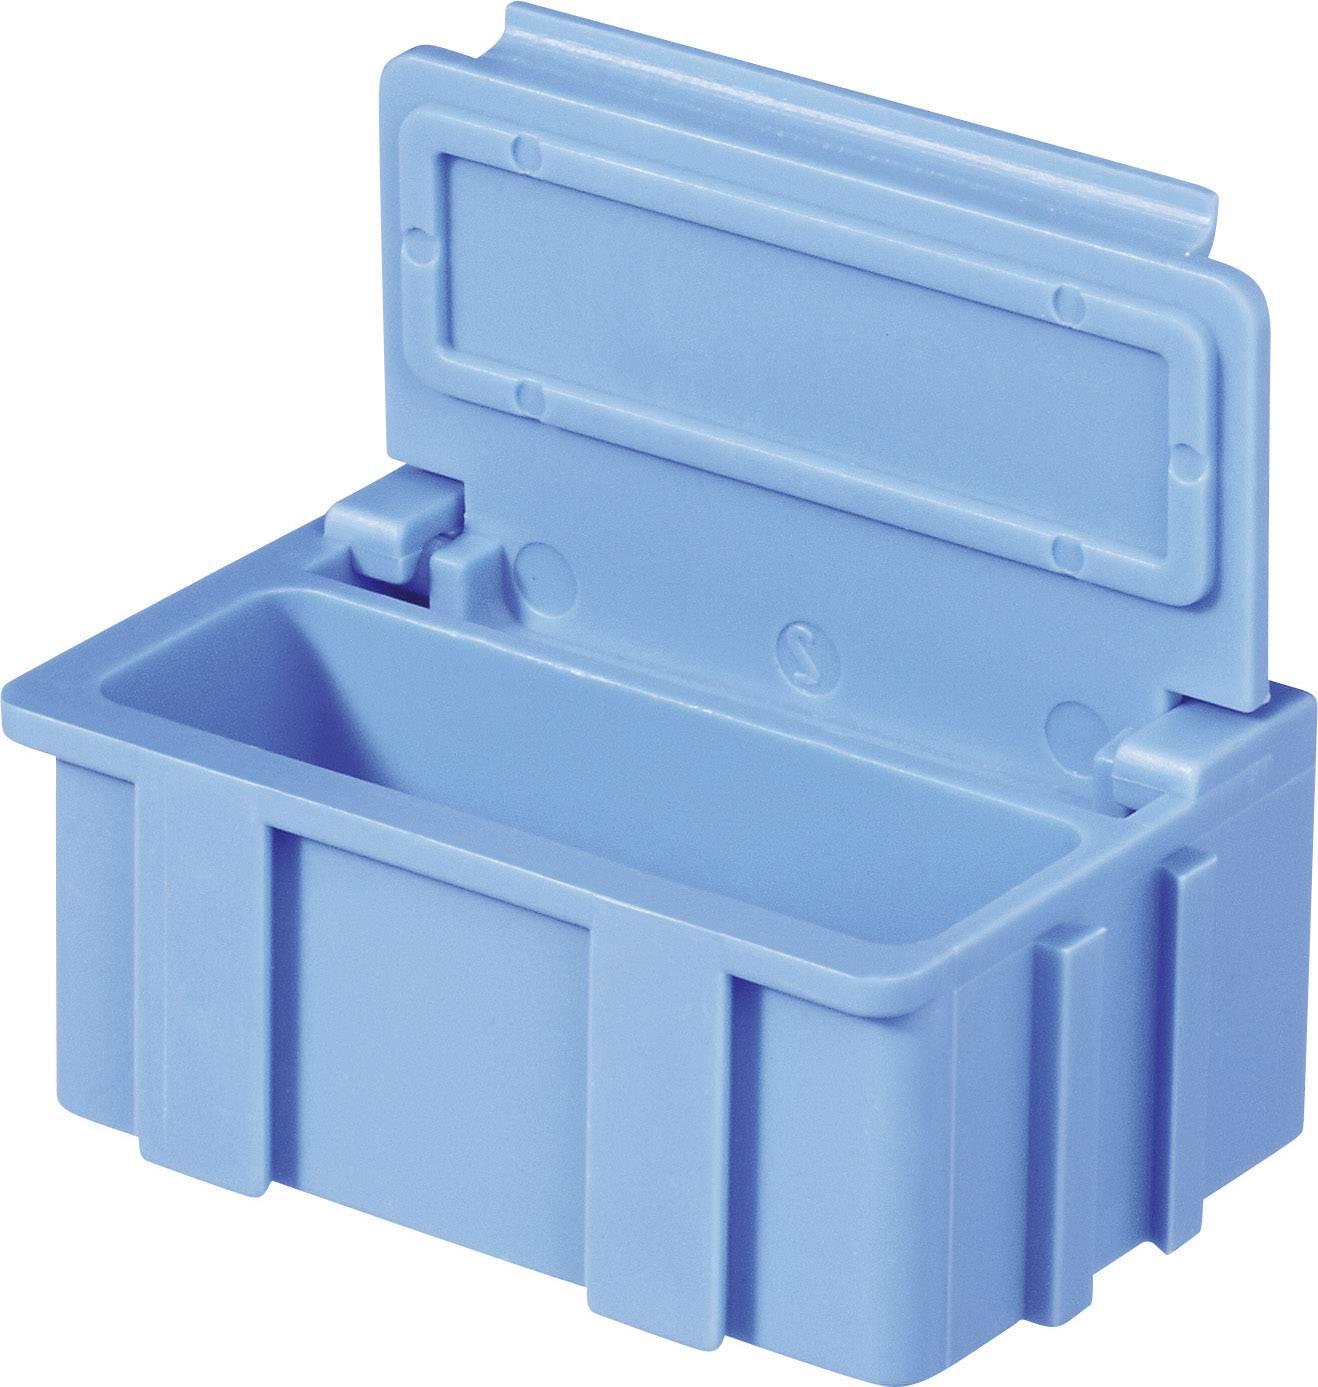 Box pro SMD součástky Licefa, N22266, 37 x 12 x 15 mm, červená